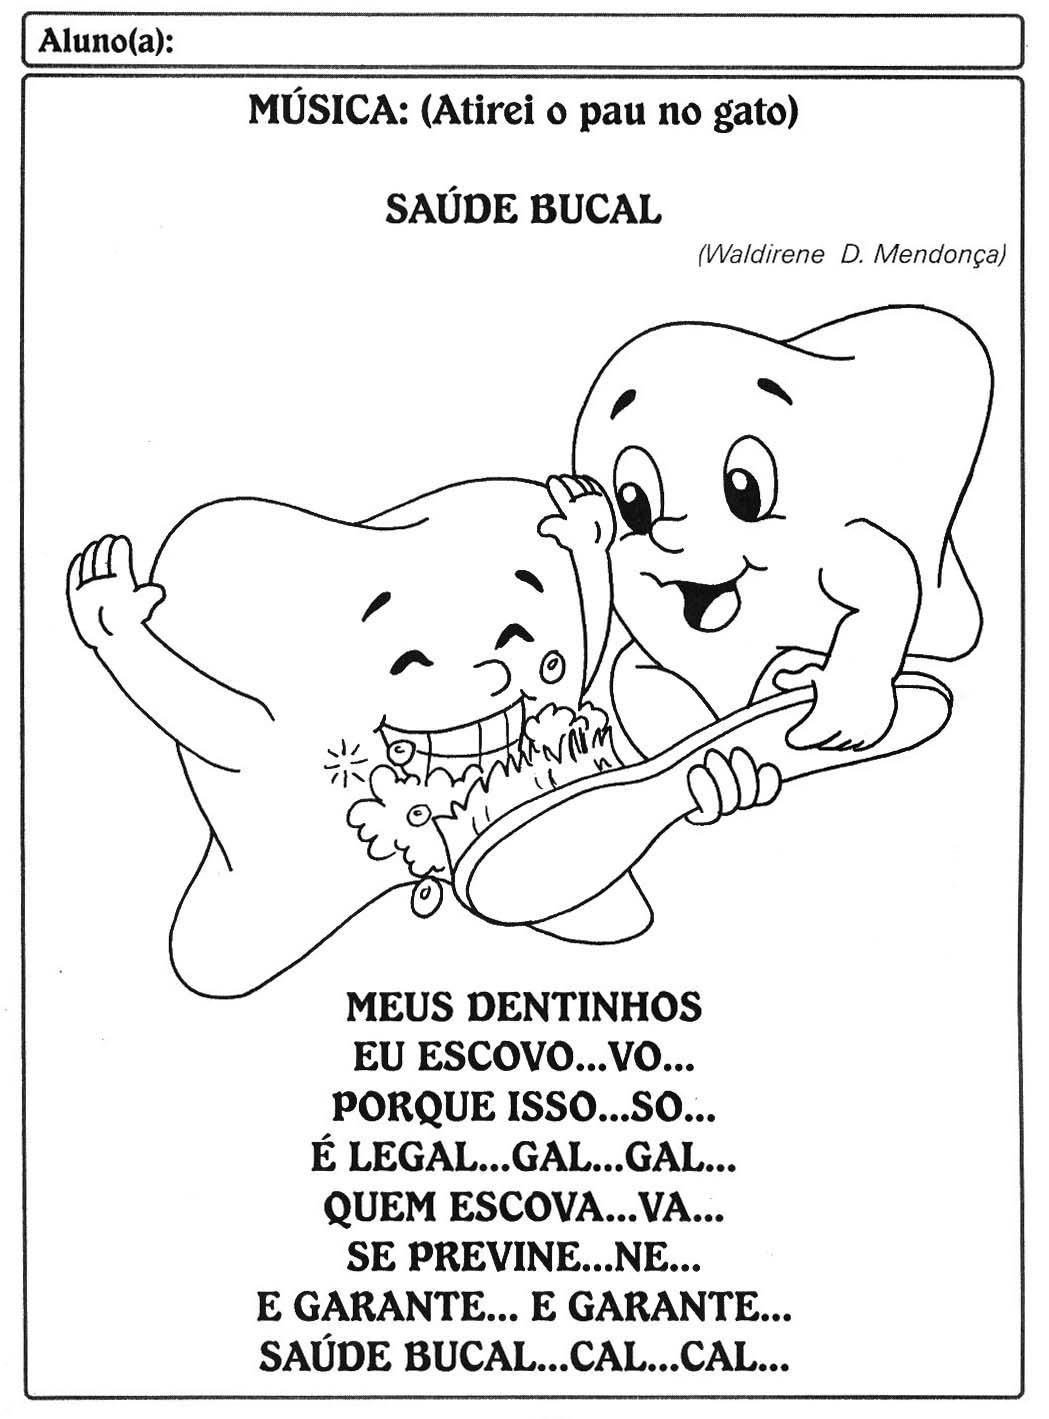 Sequencia Didatica Higiene E Saude Para Criancas So Escola